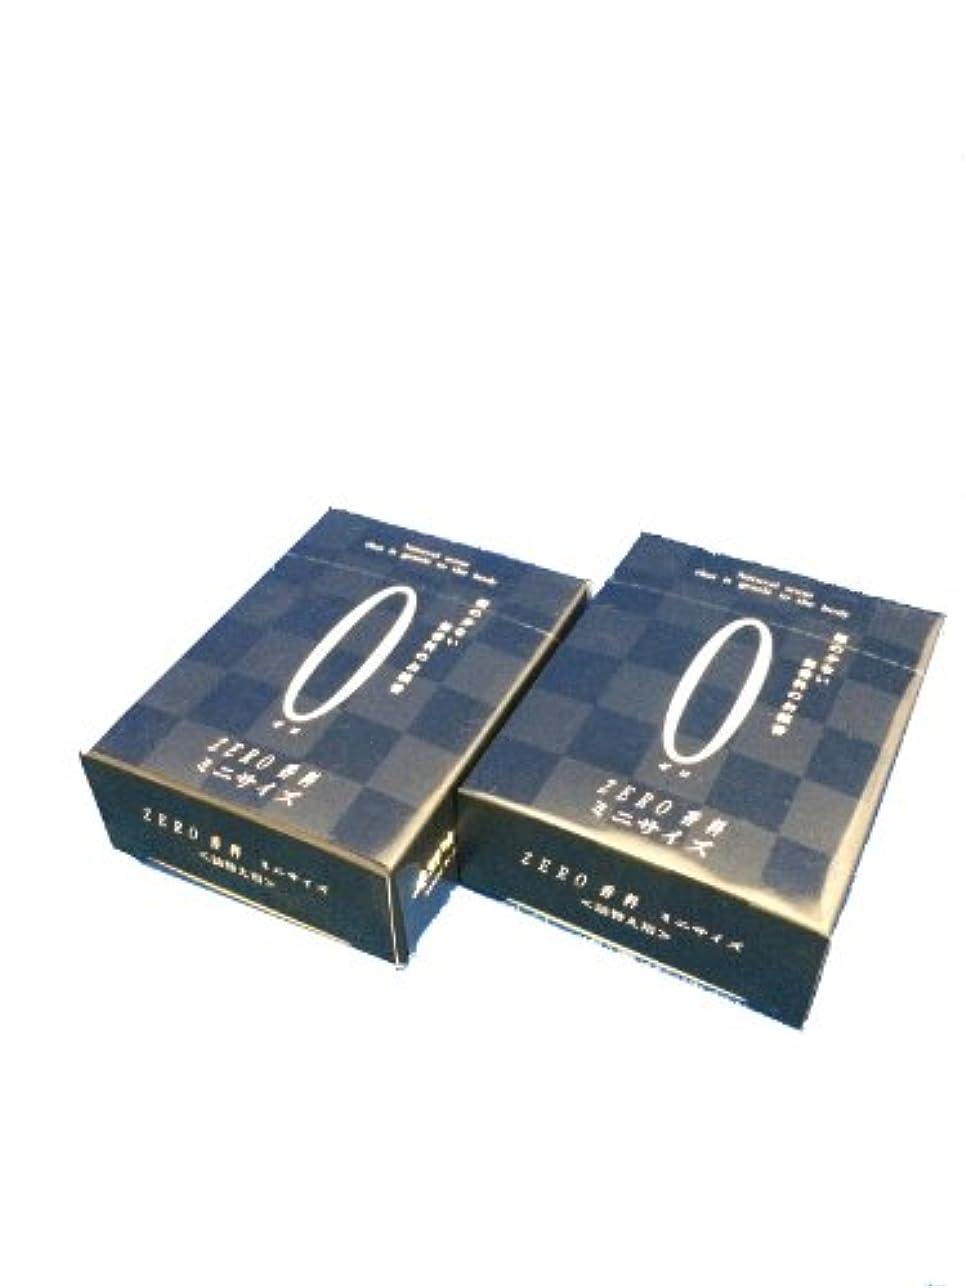 フィードマイコン狂気ZERO ゼロ香料 詰め替え用 2個セット ミニ寸 サイズ 約60g